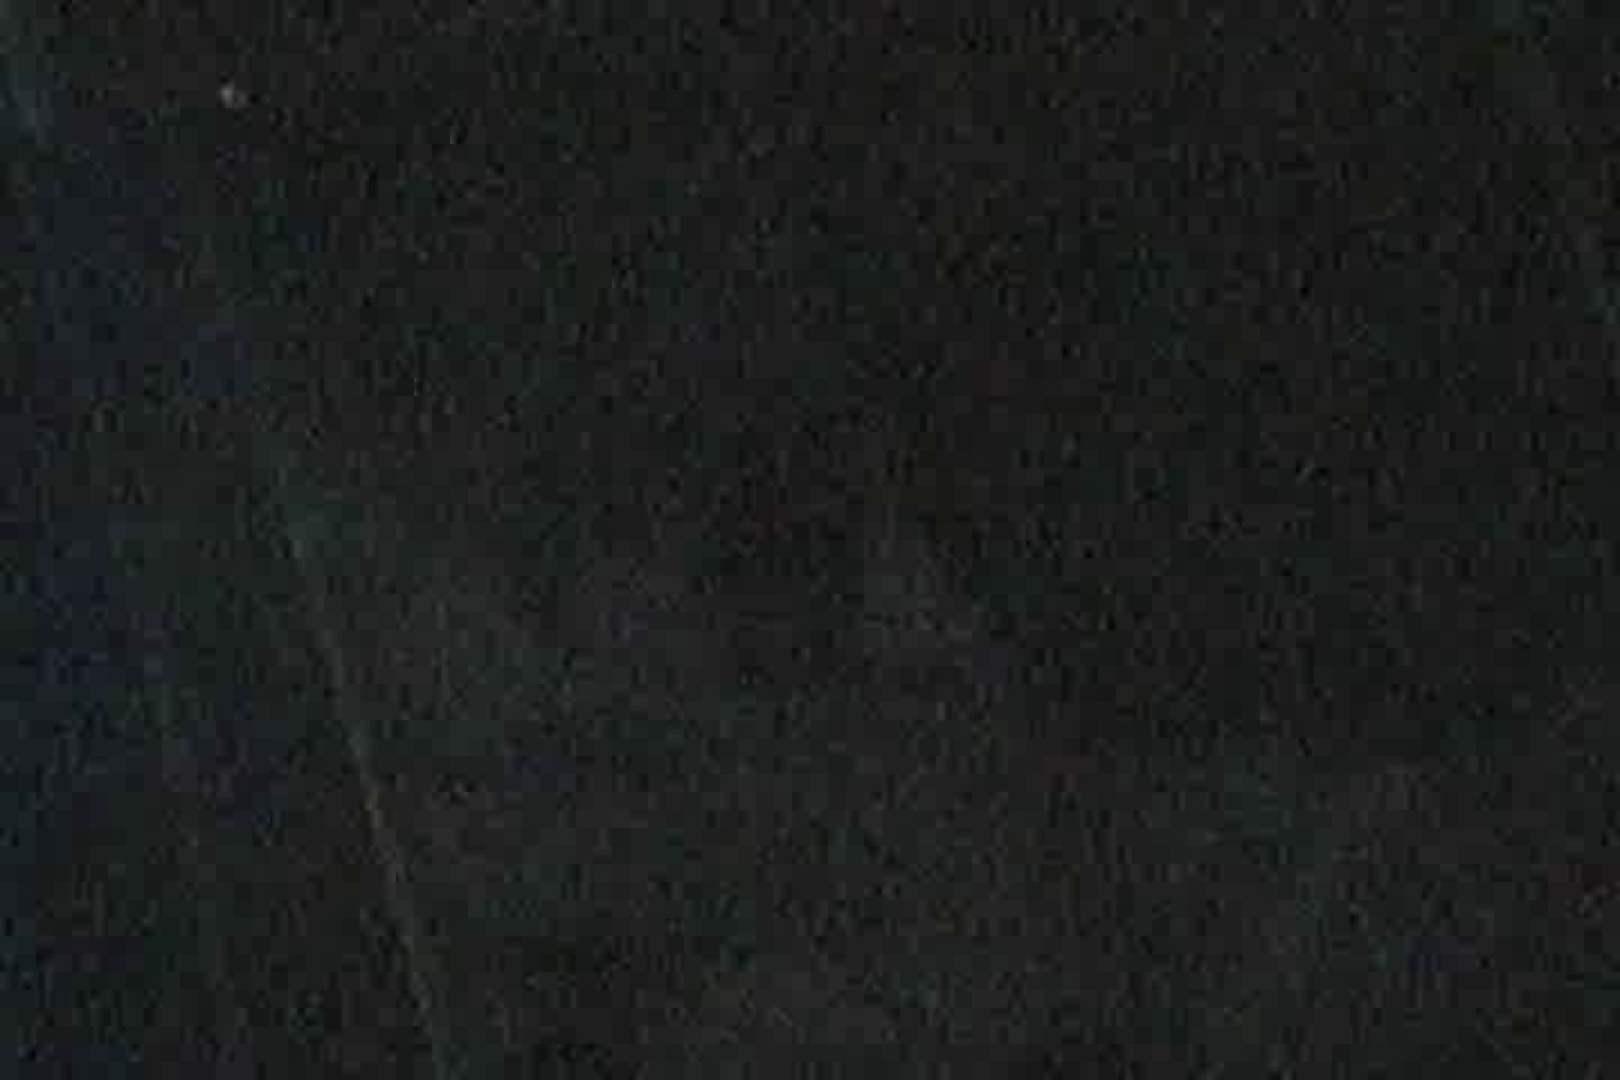 充血監督の深夜の運動会Vol.8 乳首 覗きおまんこ画像 75pic 26